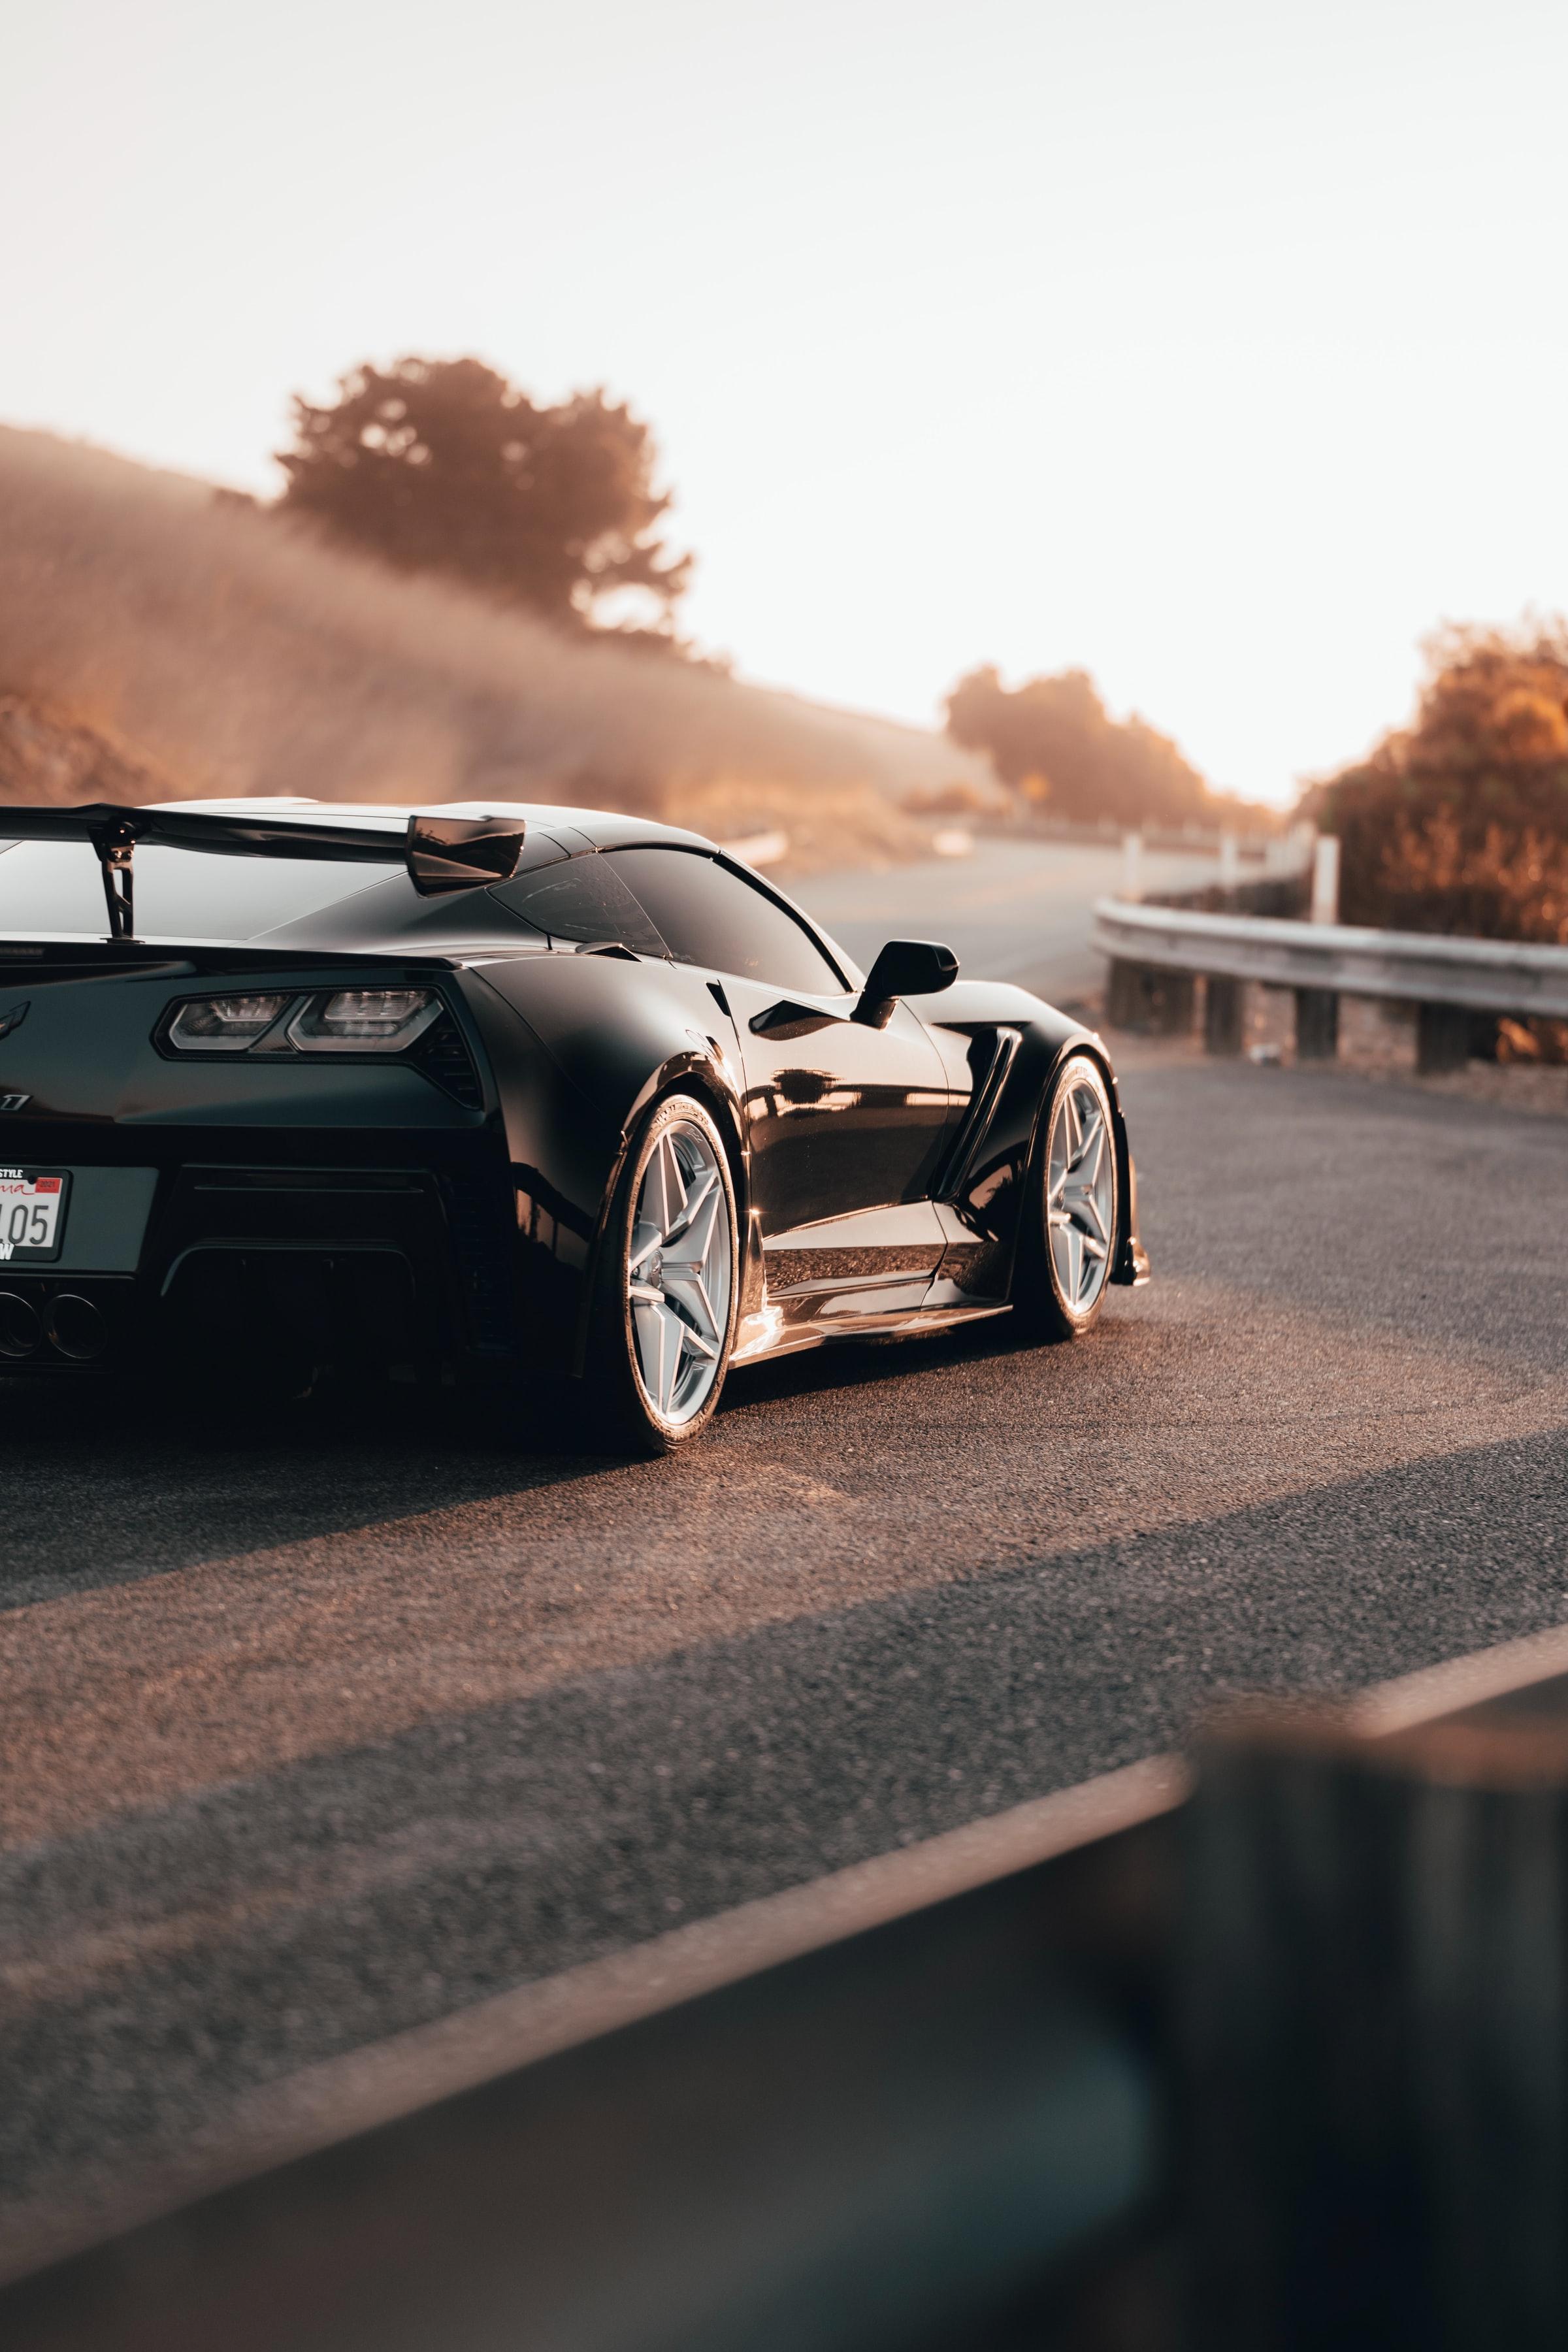 155643 Hintergrundbild herunterladen Auto, Sport, Mclaren, Cars, Wagen, Das Schwarze, Sportwagen, Mclaren P1 - Bildschirmschoner und Bilder kostenlos